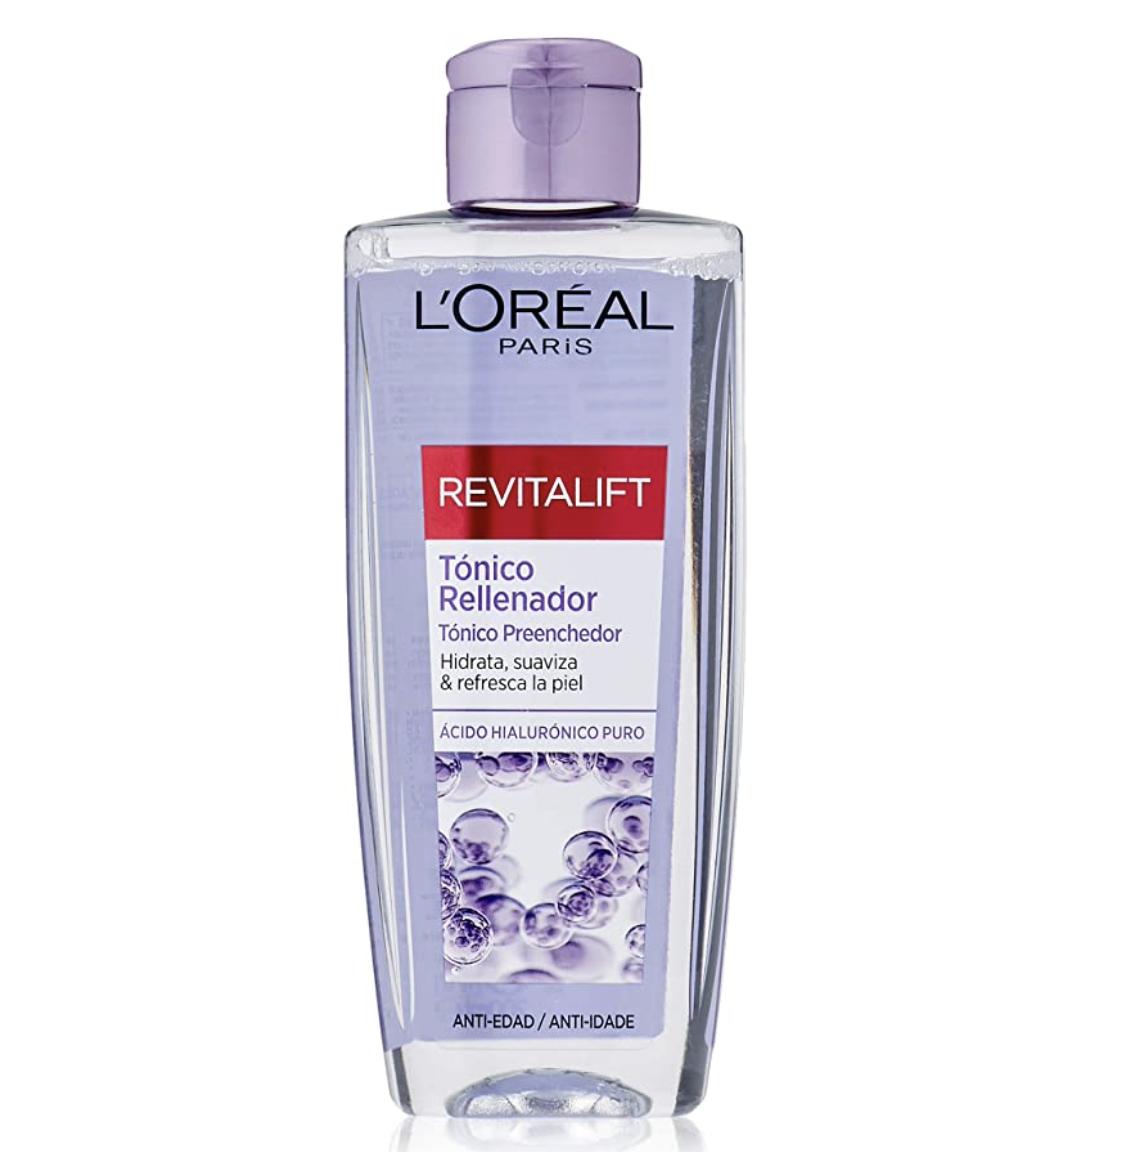 Revitalif Filler Tónico Rellenador de L'Oréal Paris